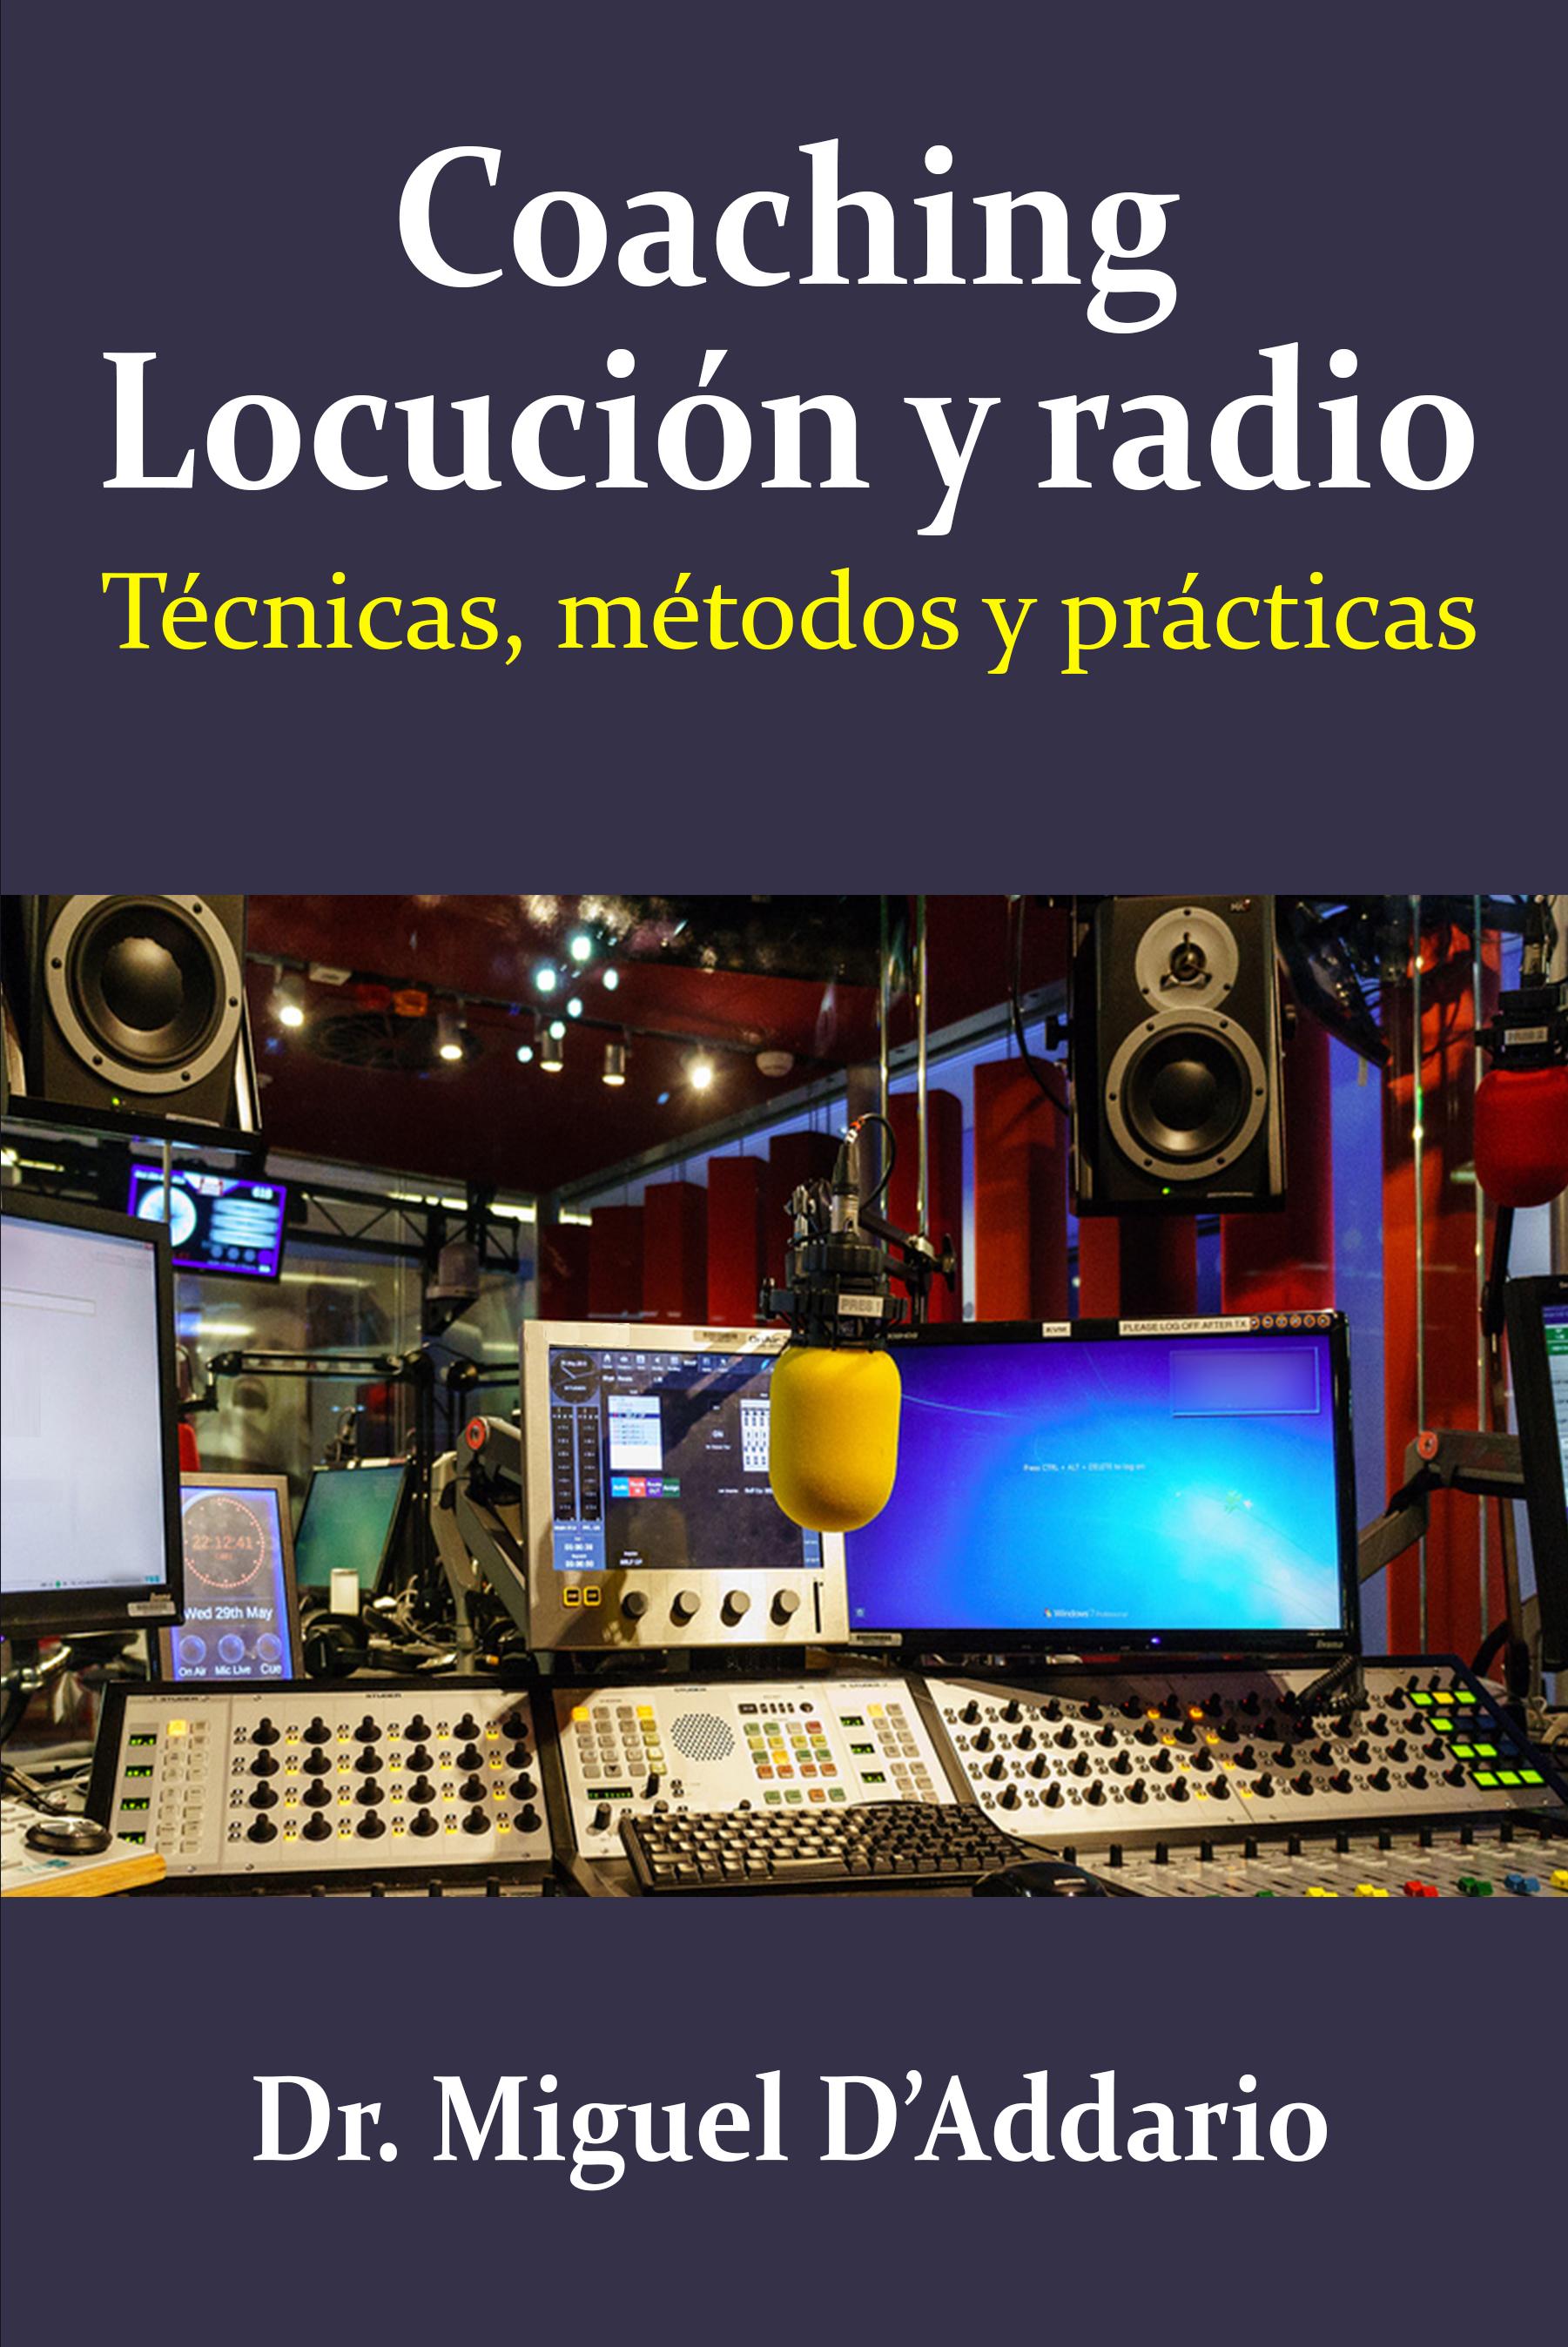 Coaching locución y radio